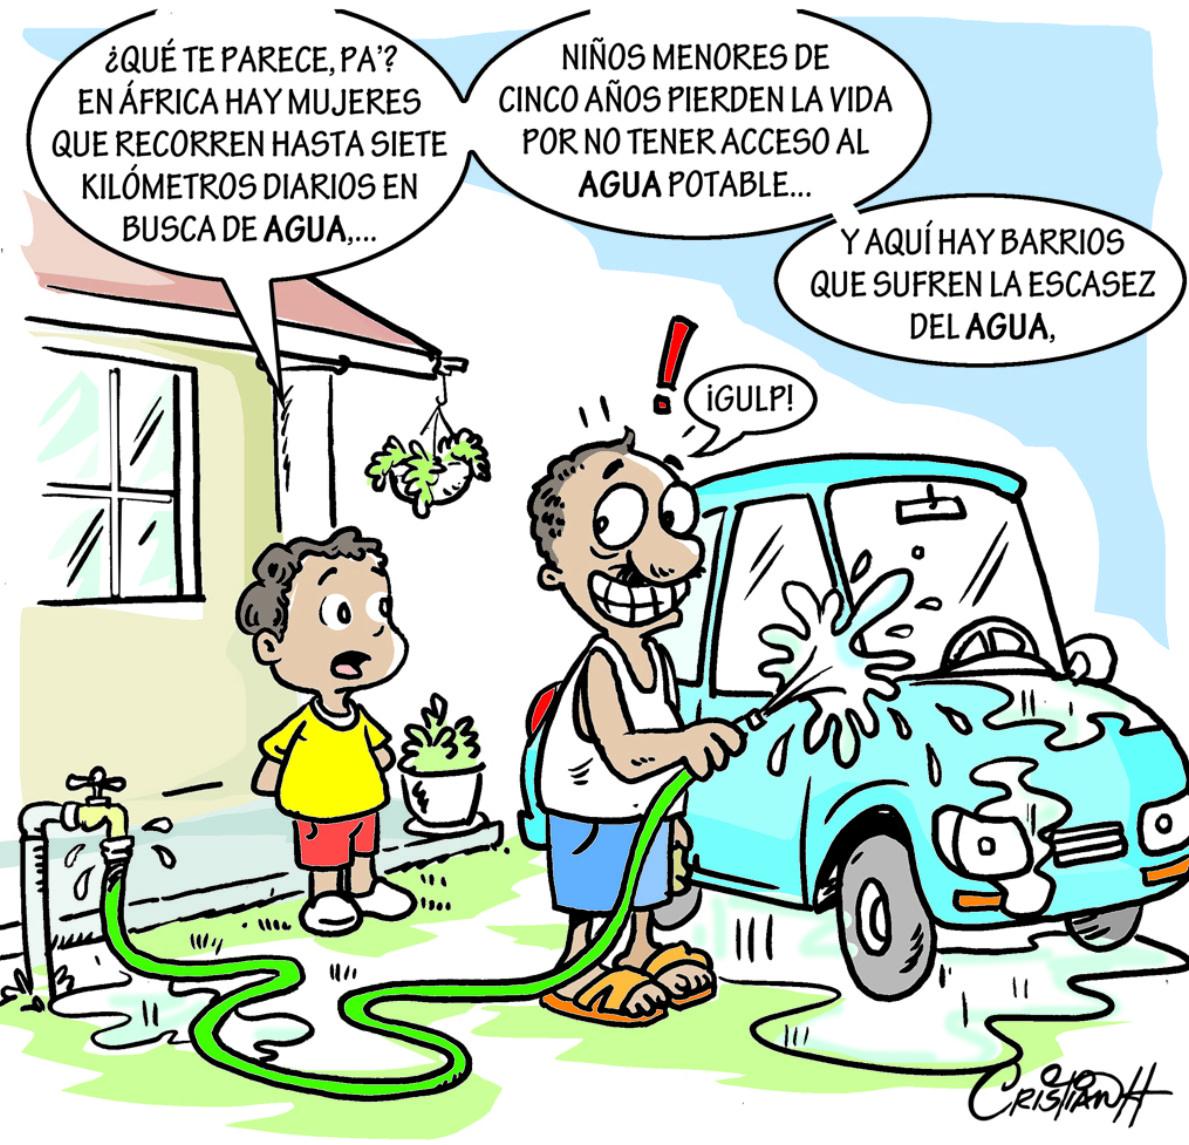 Caricatura Cristian Caricaturas – El Día, 16 de Octubre 2018